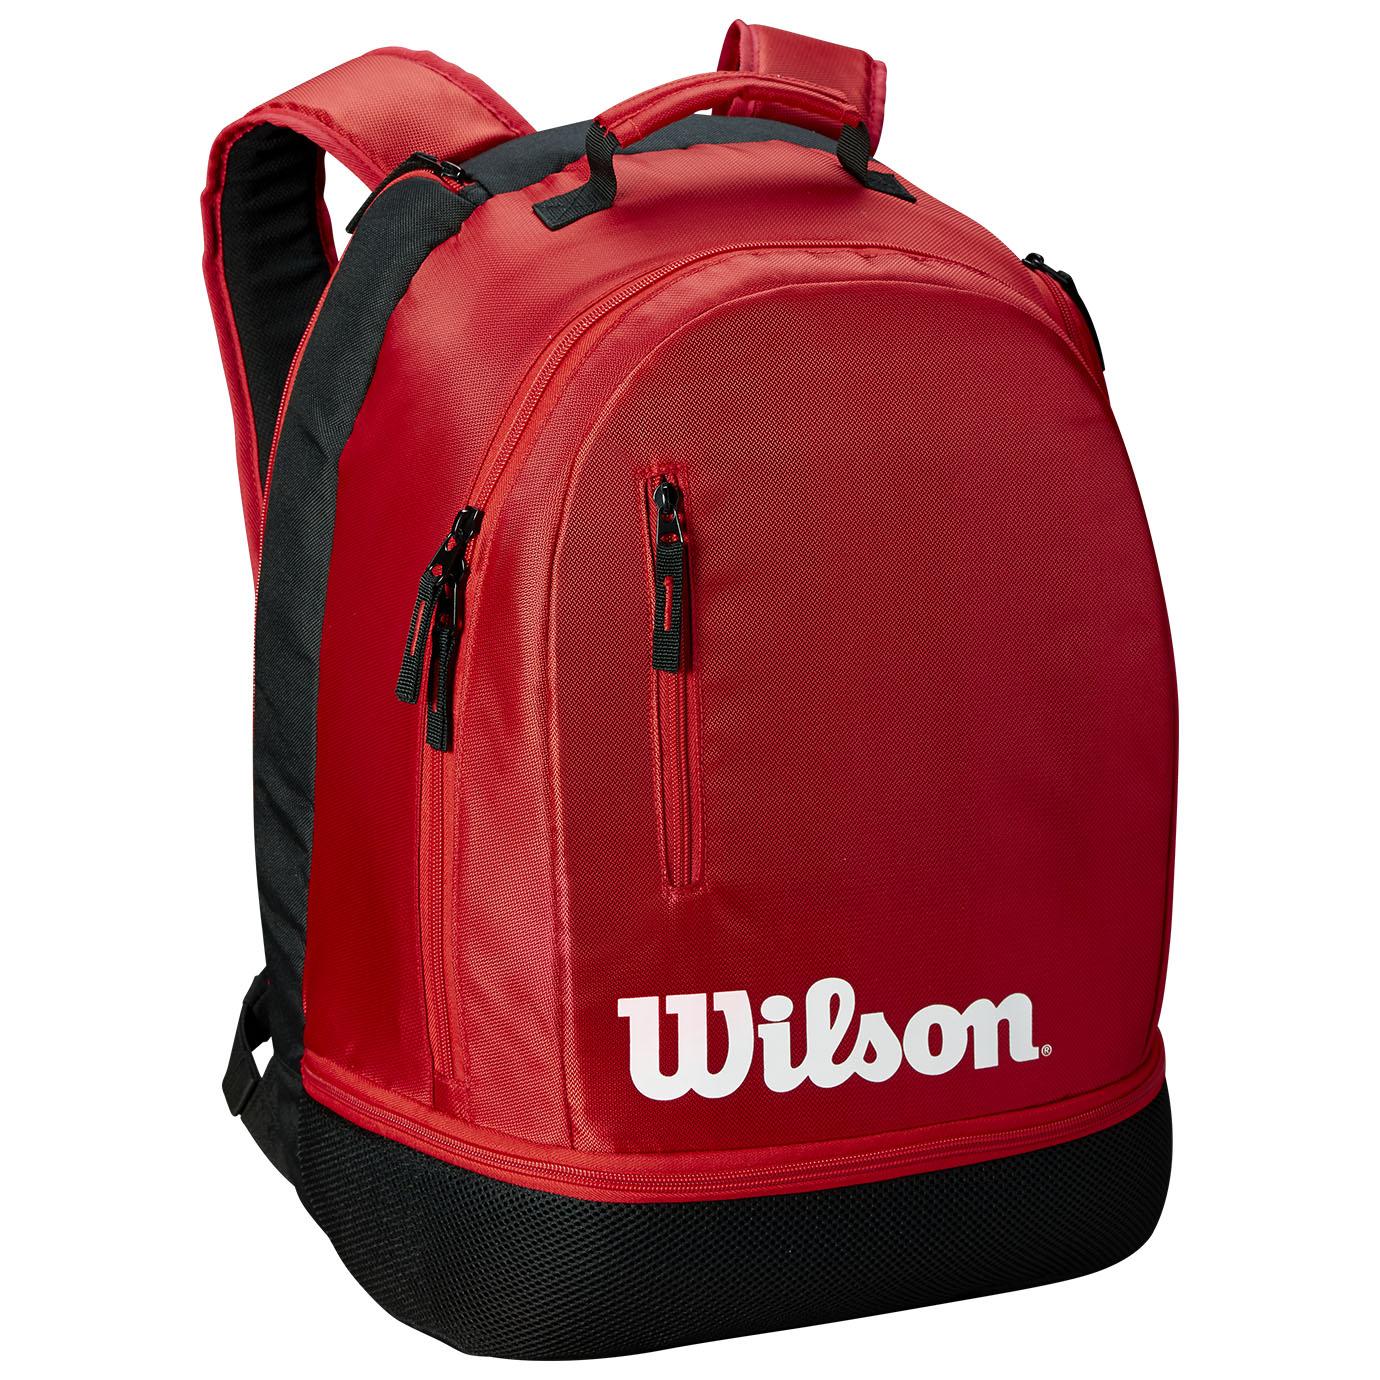 Wilson Team Backpack - Black/Red